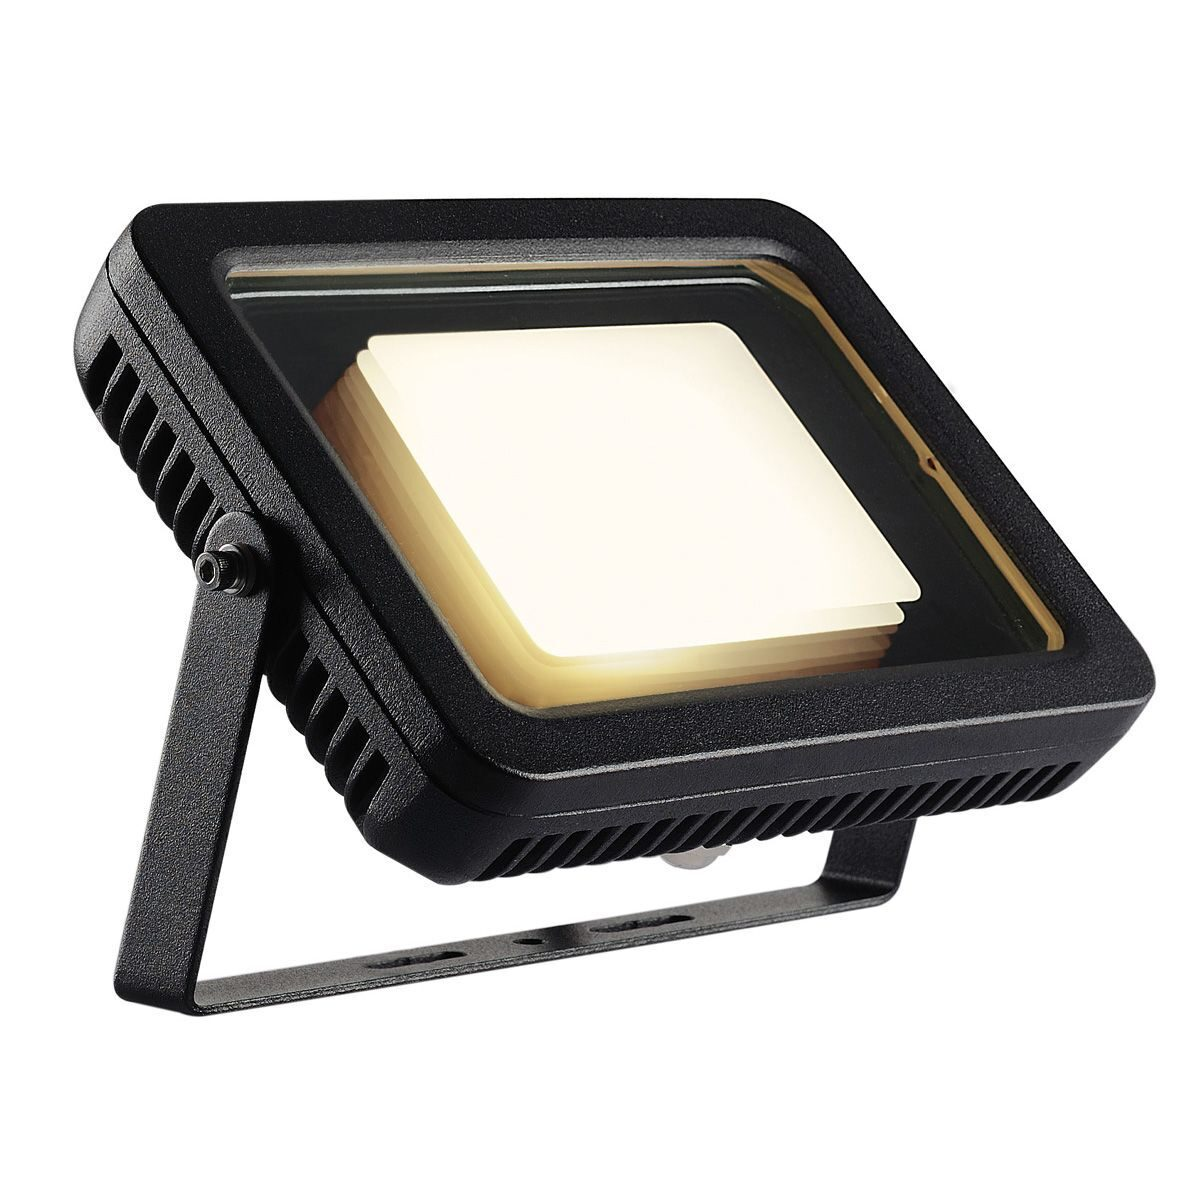 Прожектор светильник фонарь на солнечной батарее 54 LED